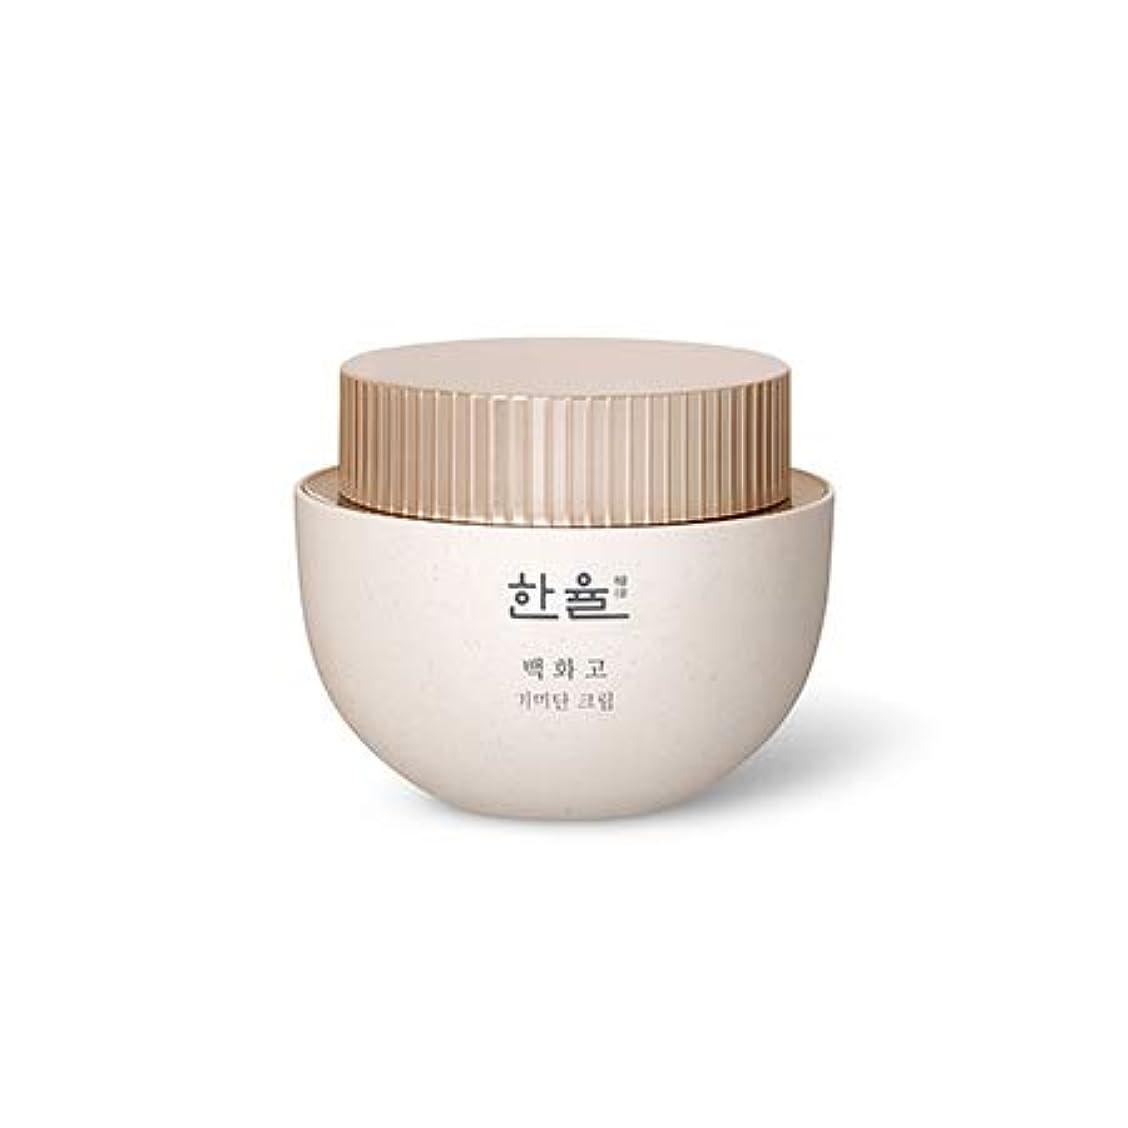 地球溶融気候の山[ハンユル.HANYUL]ベクファゴシミ段クリームHanyul Baek Hwa Goh Anti-Aging Cream(シミ、くすみなどの老化の兆候をケア)